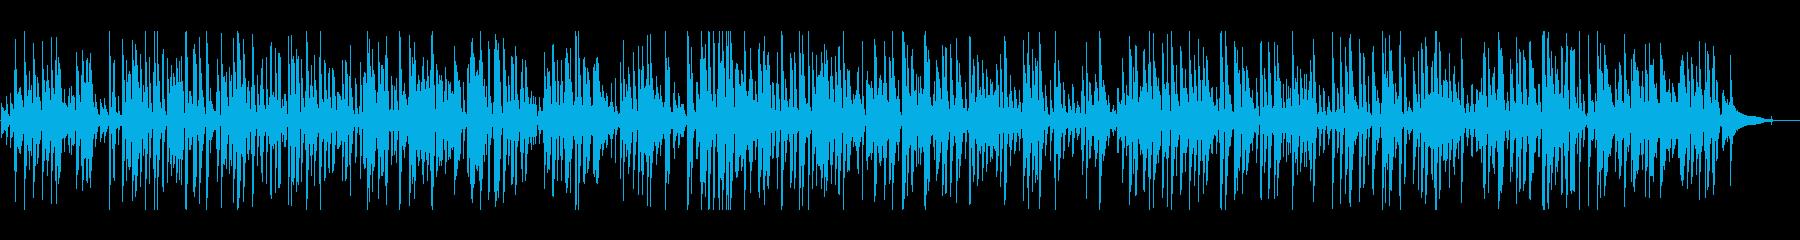 おしゃれオールドスタイルジャズピアノの再生済みの波形